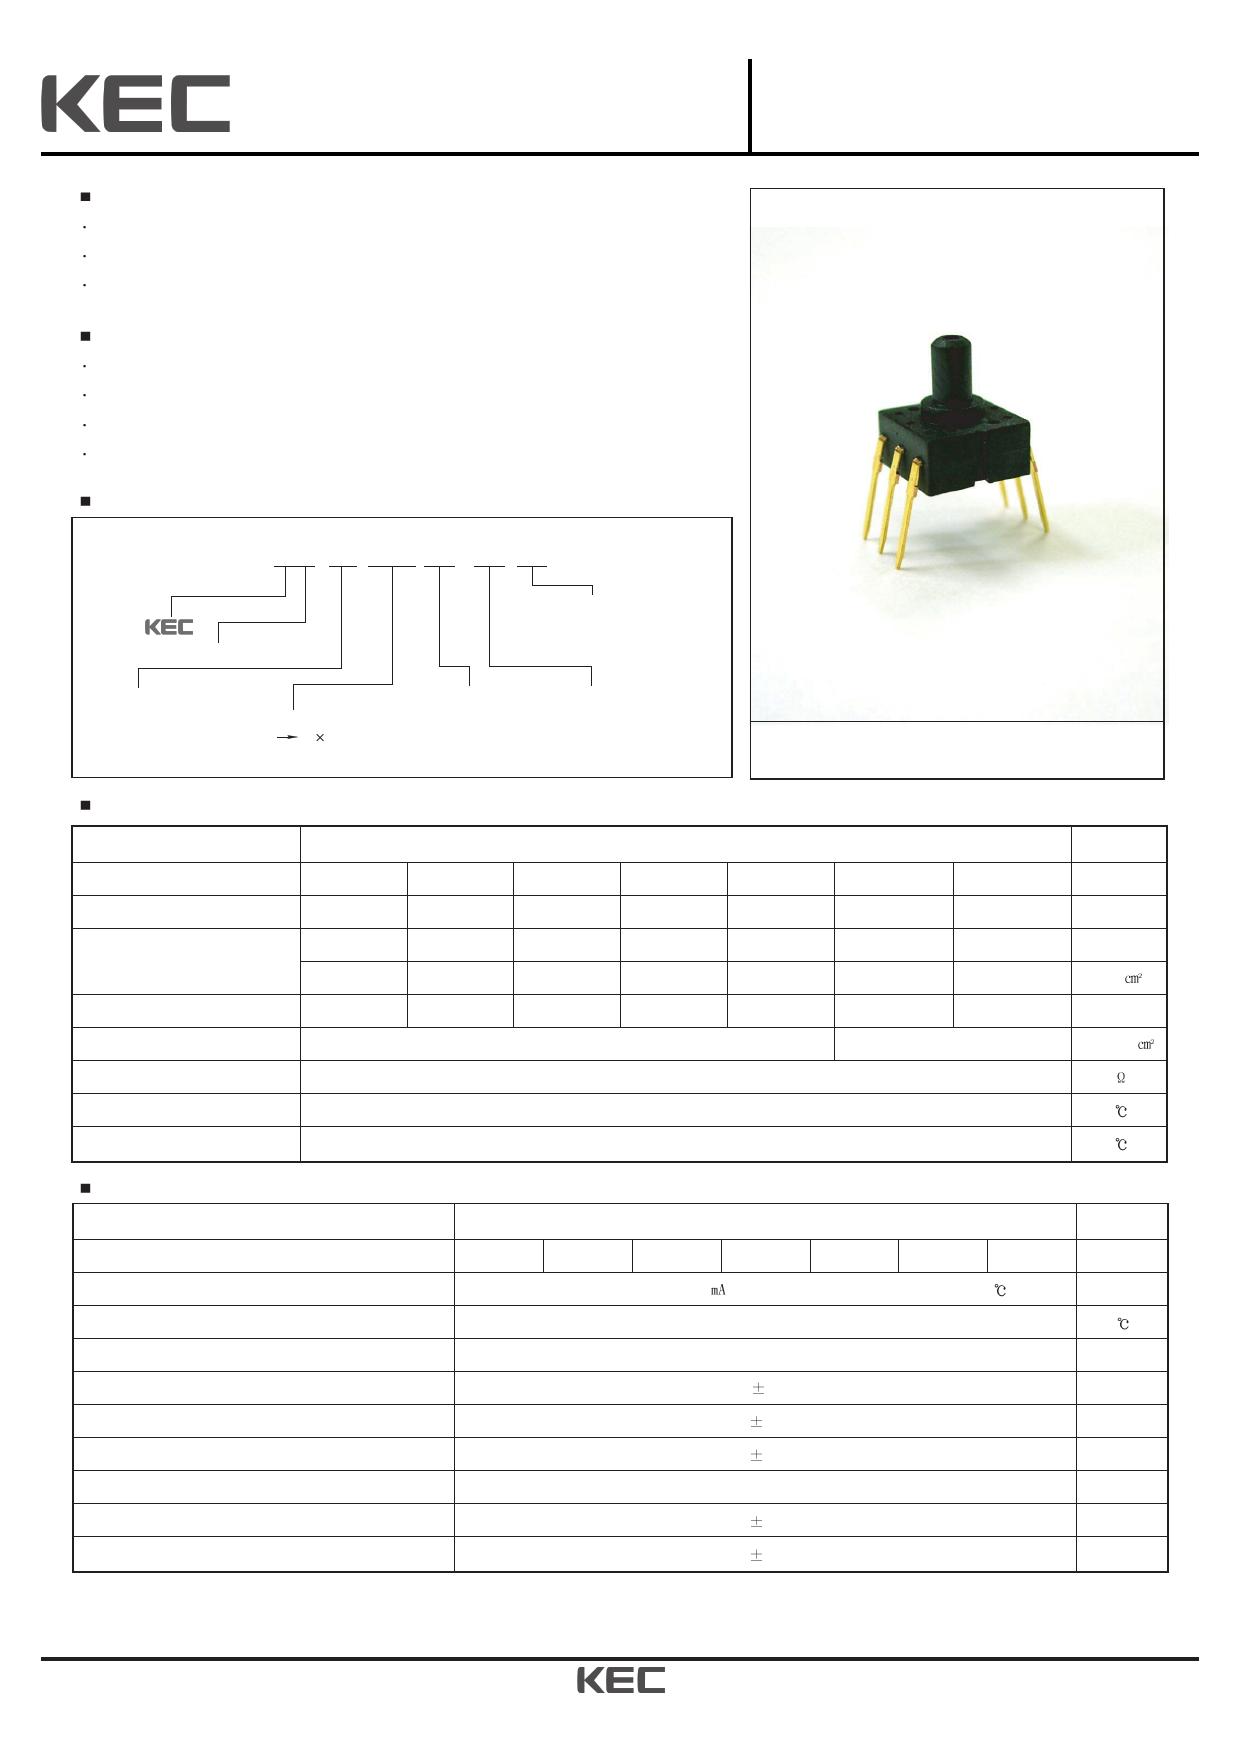 KPF601G01A 데이터시트 및 KPF601G01A PDF